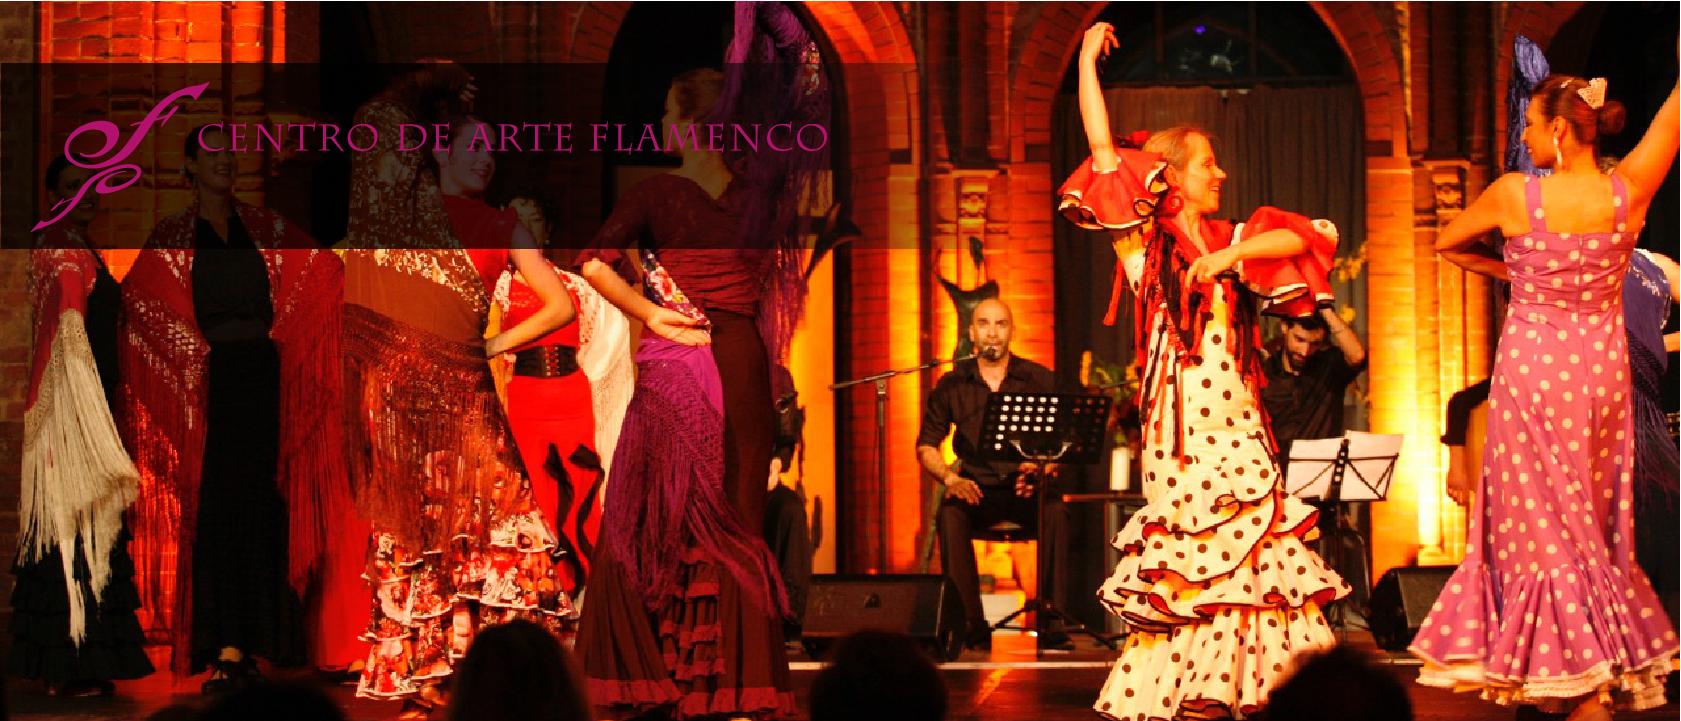 Neuer Flamencokurs für Anfänger ab Oktober 2019